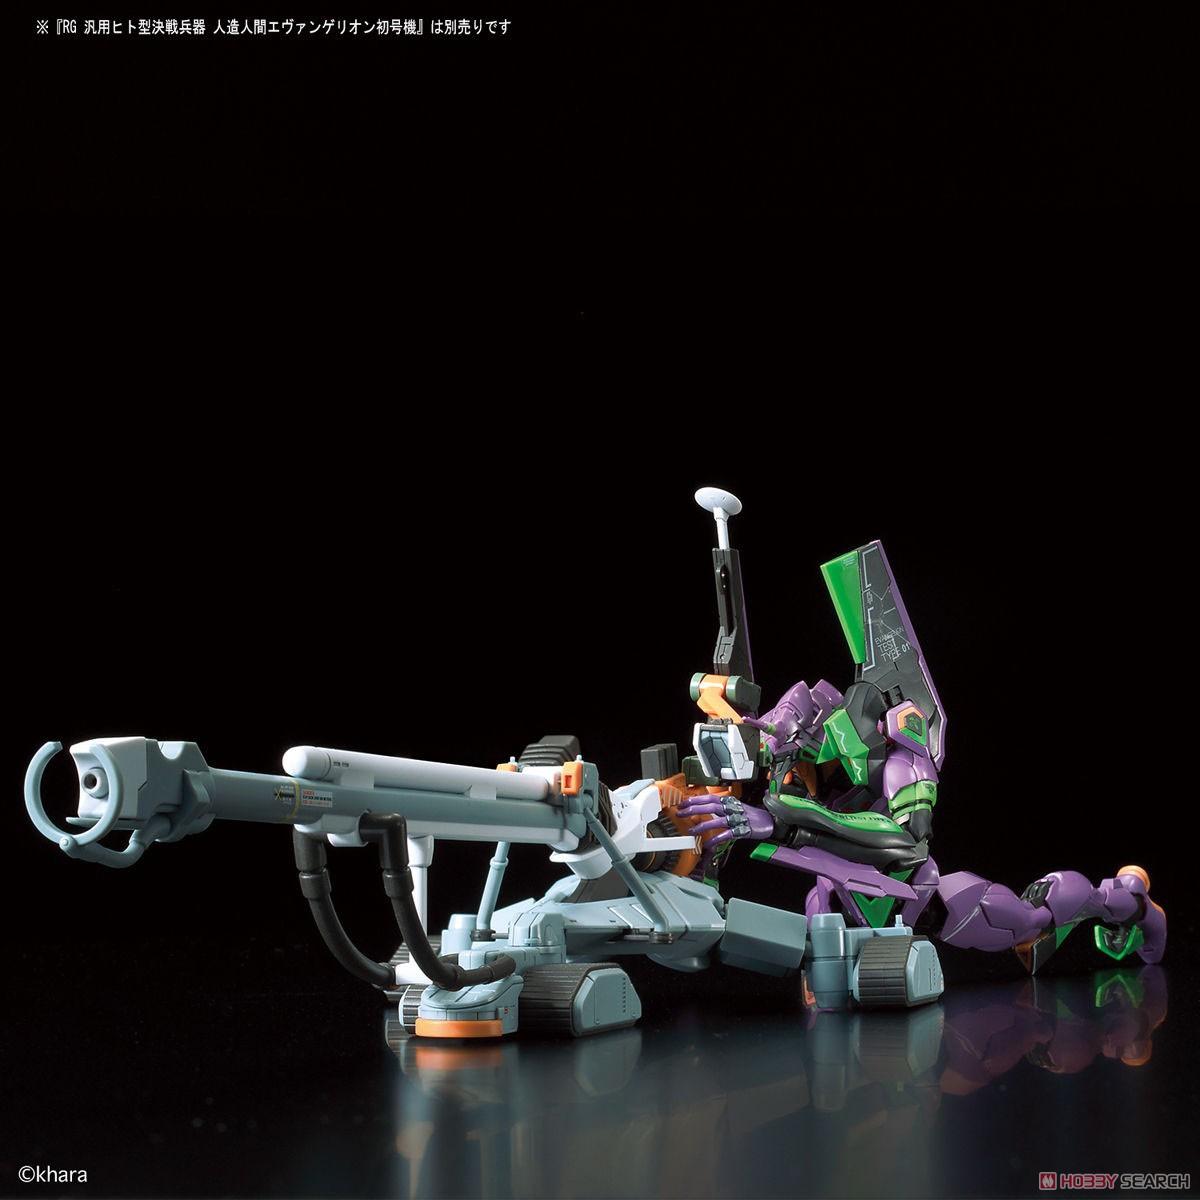 【再販】RG『汎用ヒト型決戦兵器 人造人間エヴァンゲリオン試作零号機DX 陽電子砲セット』プラモデル-018